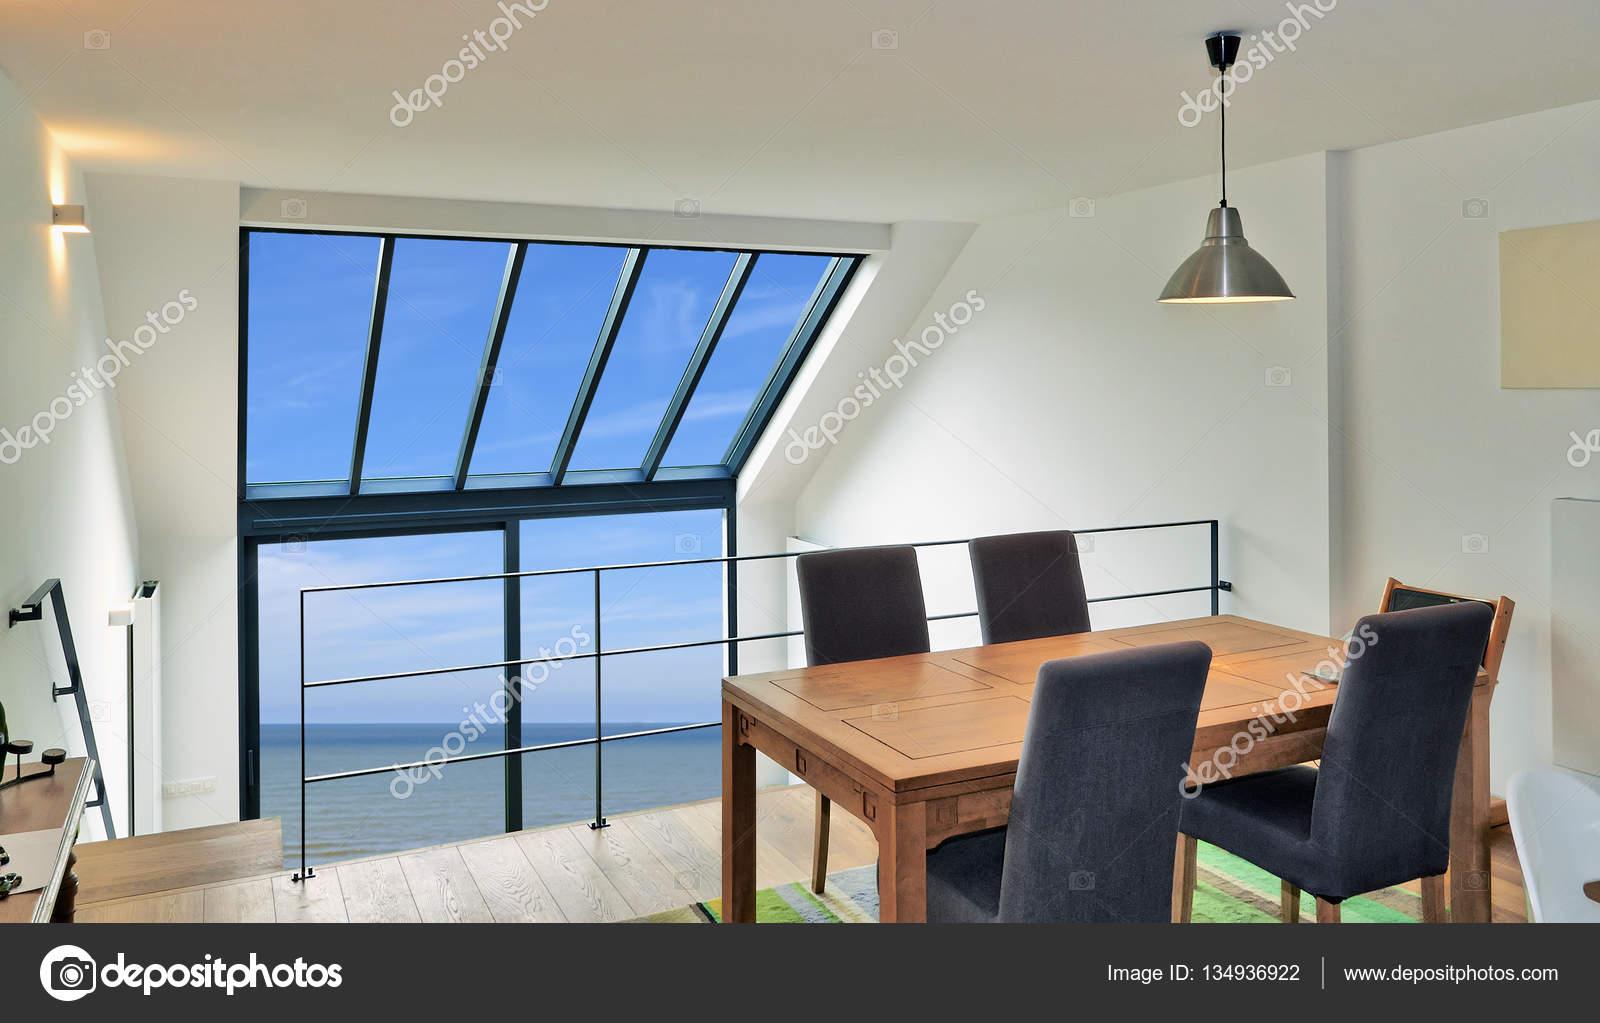 Tavoli Da Pranzo Grandi.Tavolo Da Pranzo In Duplex Moderno Con Grandi Finestre Foto Stock